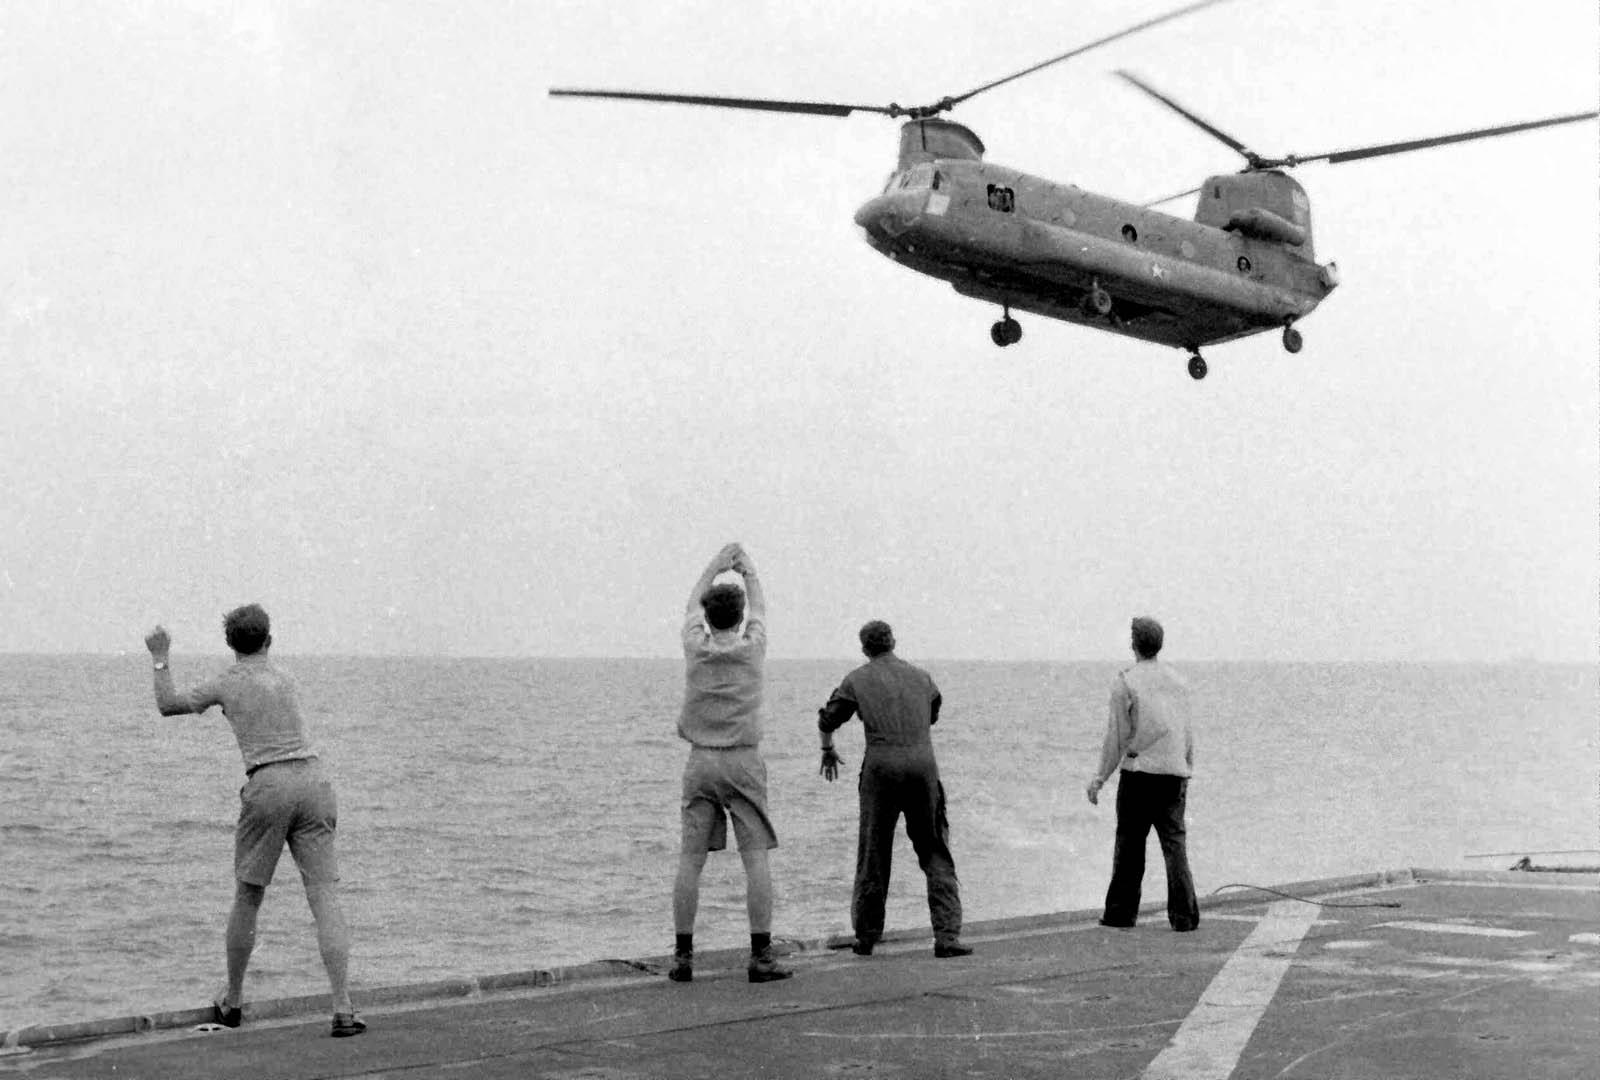 На борту USS Kirk члены экипажа сигнализируют, что Боинг CH-47 «Чинук» парит над палубой и может высаживать пассажиров. 29 апреля 1975